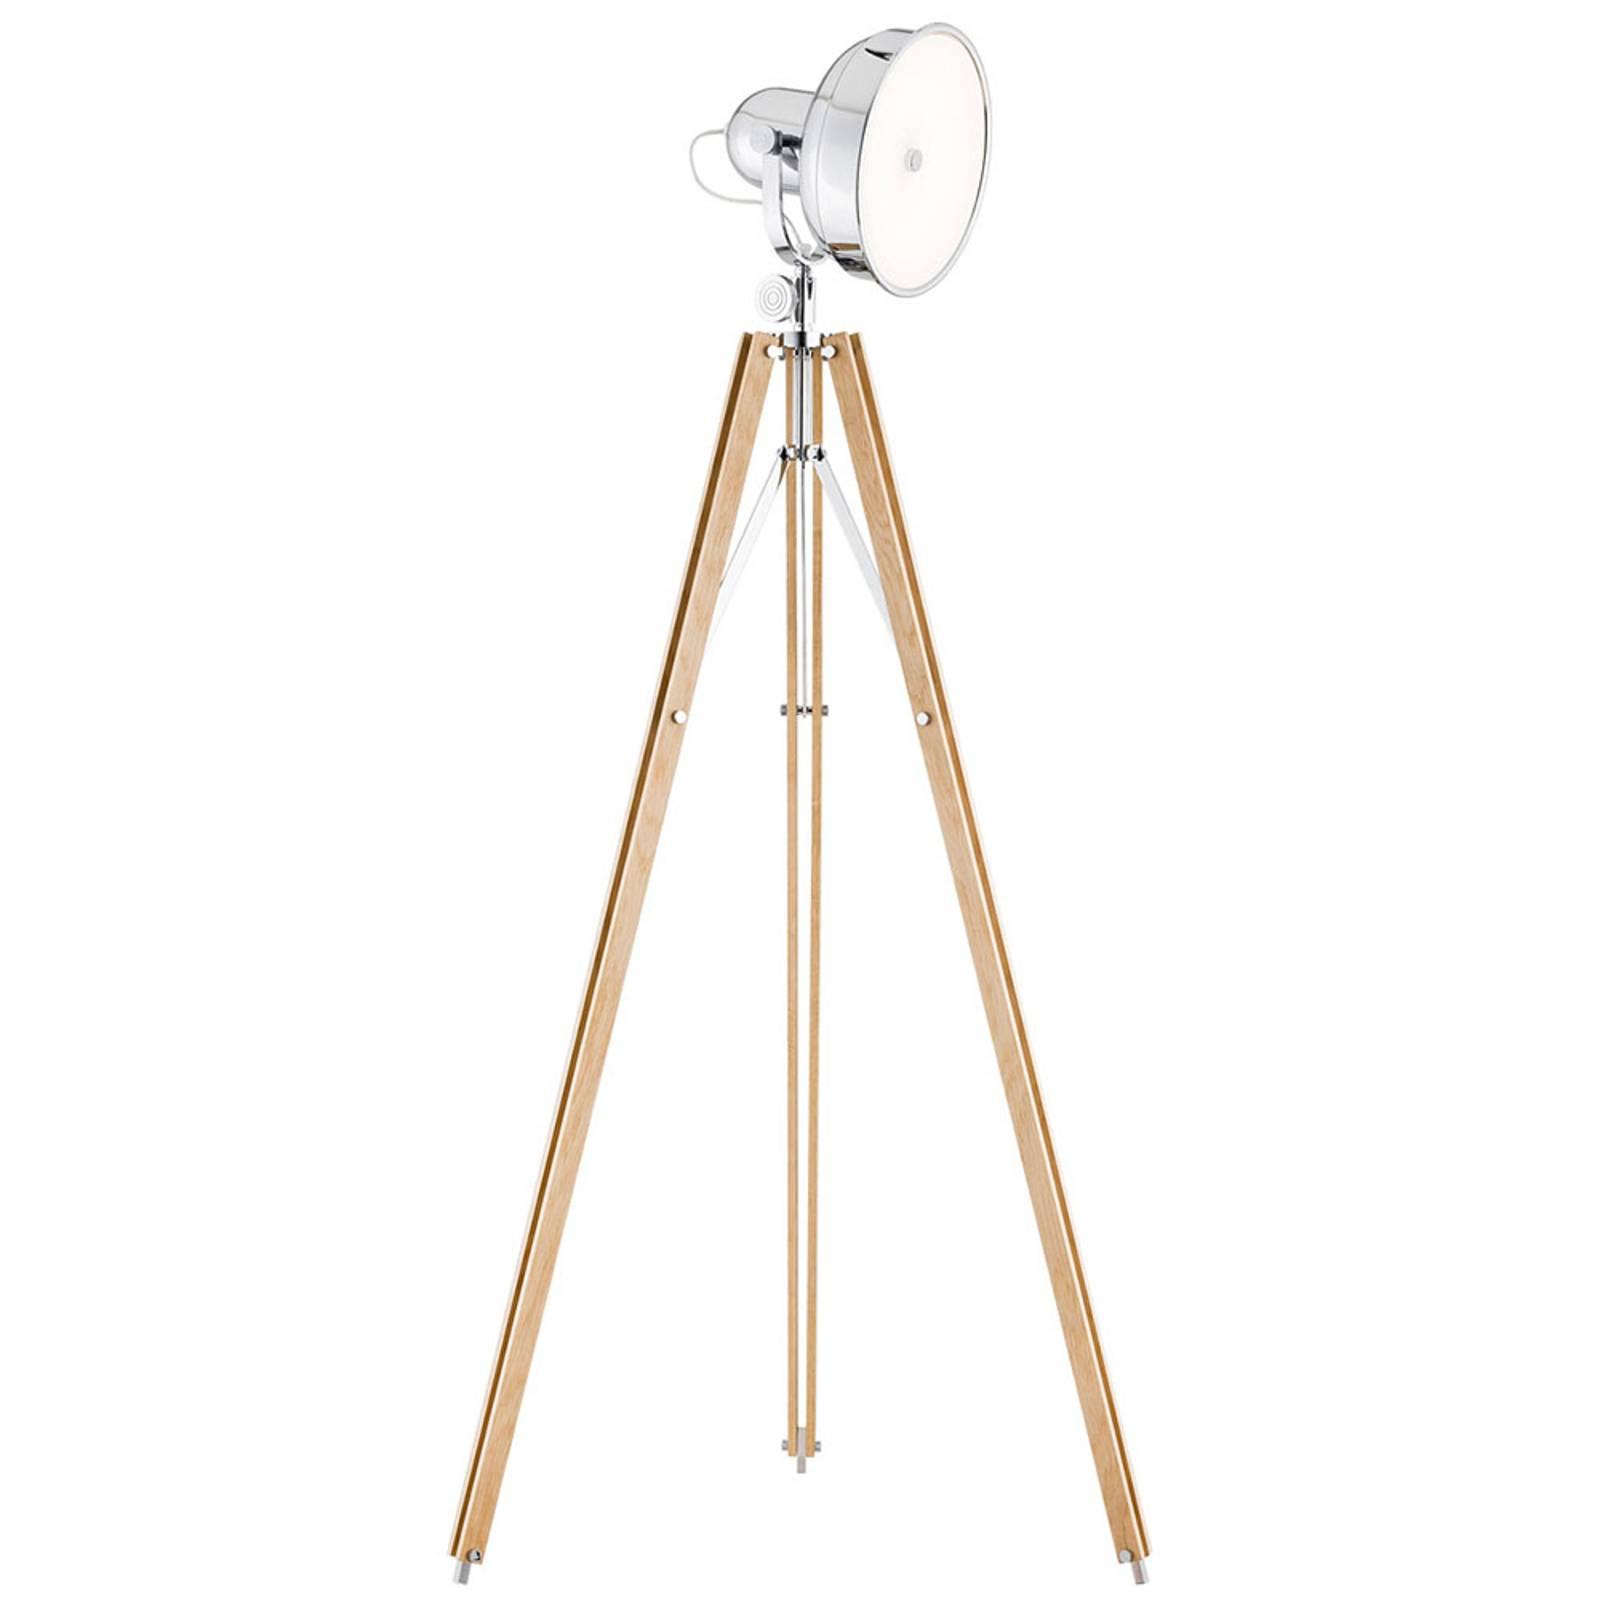 Lampadaire LED Forada, trépied bois naturel/chrome